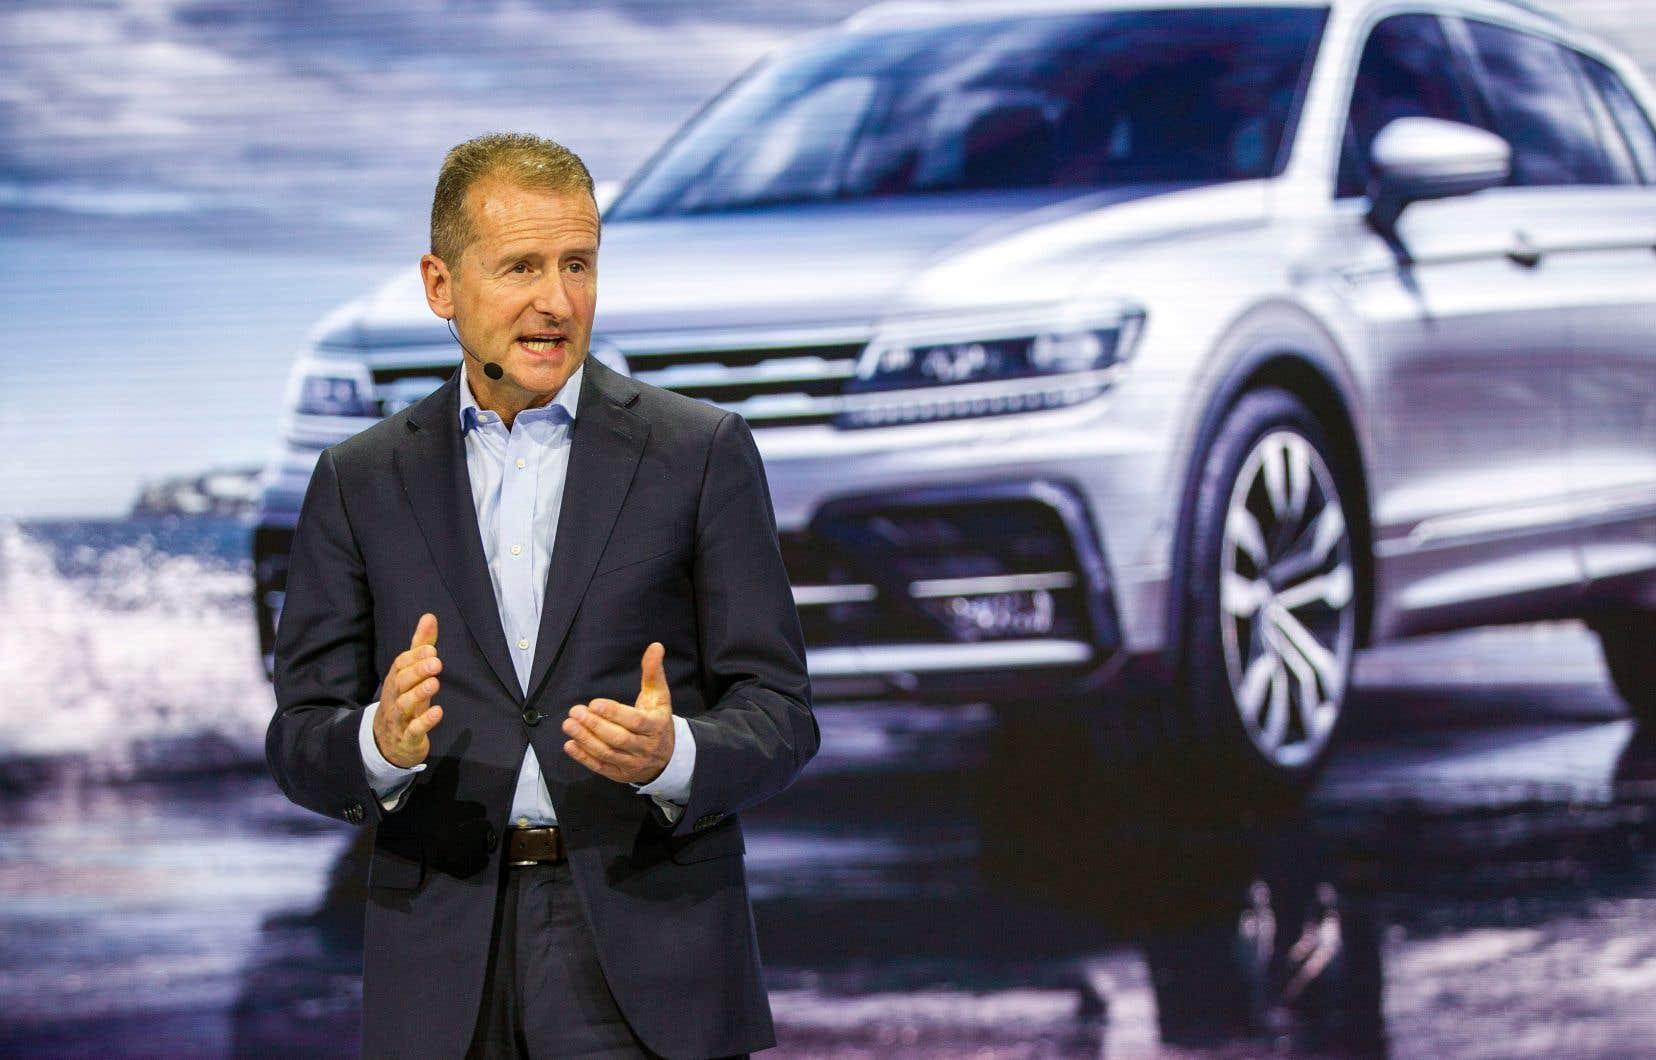 Herbert Diess a été nommé à la tête du géant allemand de l'automobile pour tourner la page du vaste scandale du diesel qui éclabousse le secteur depuis 2015.